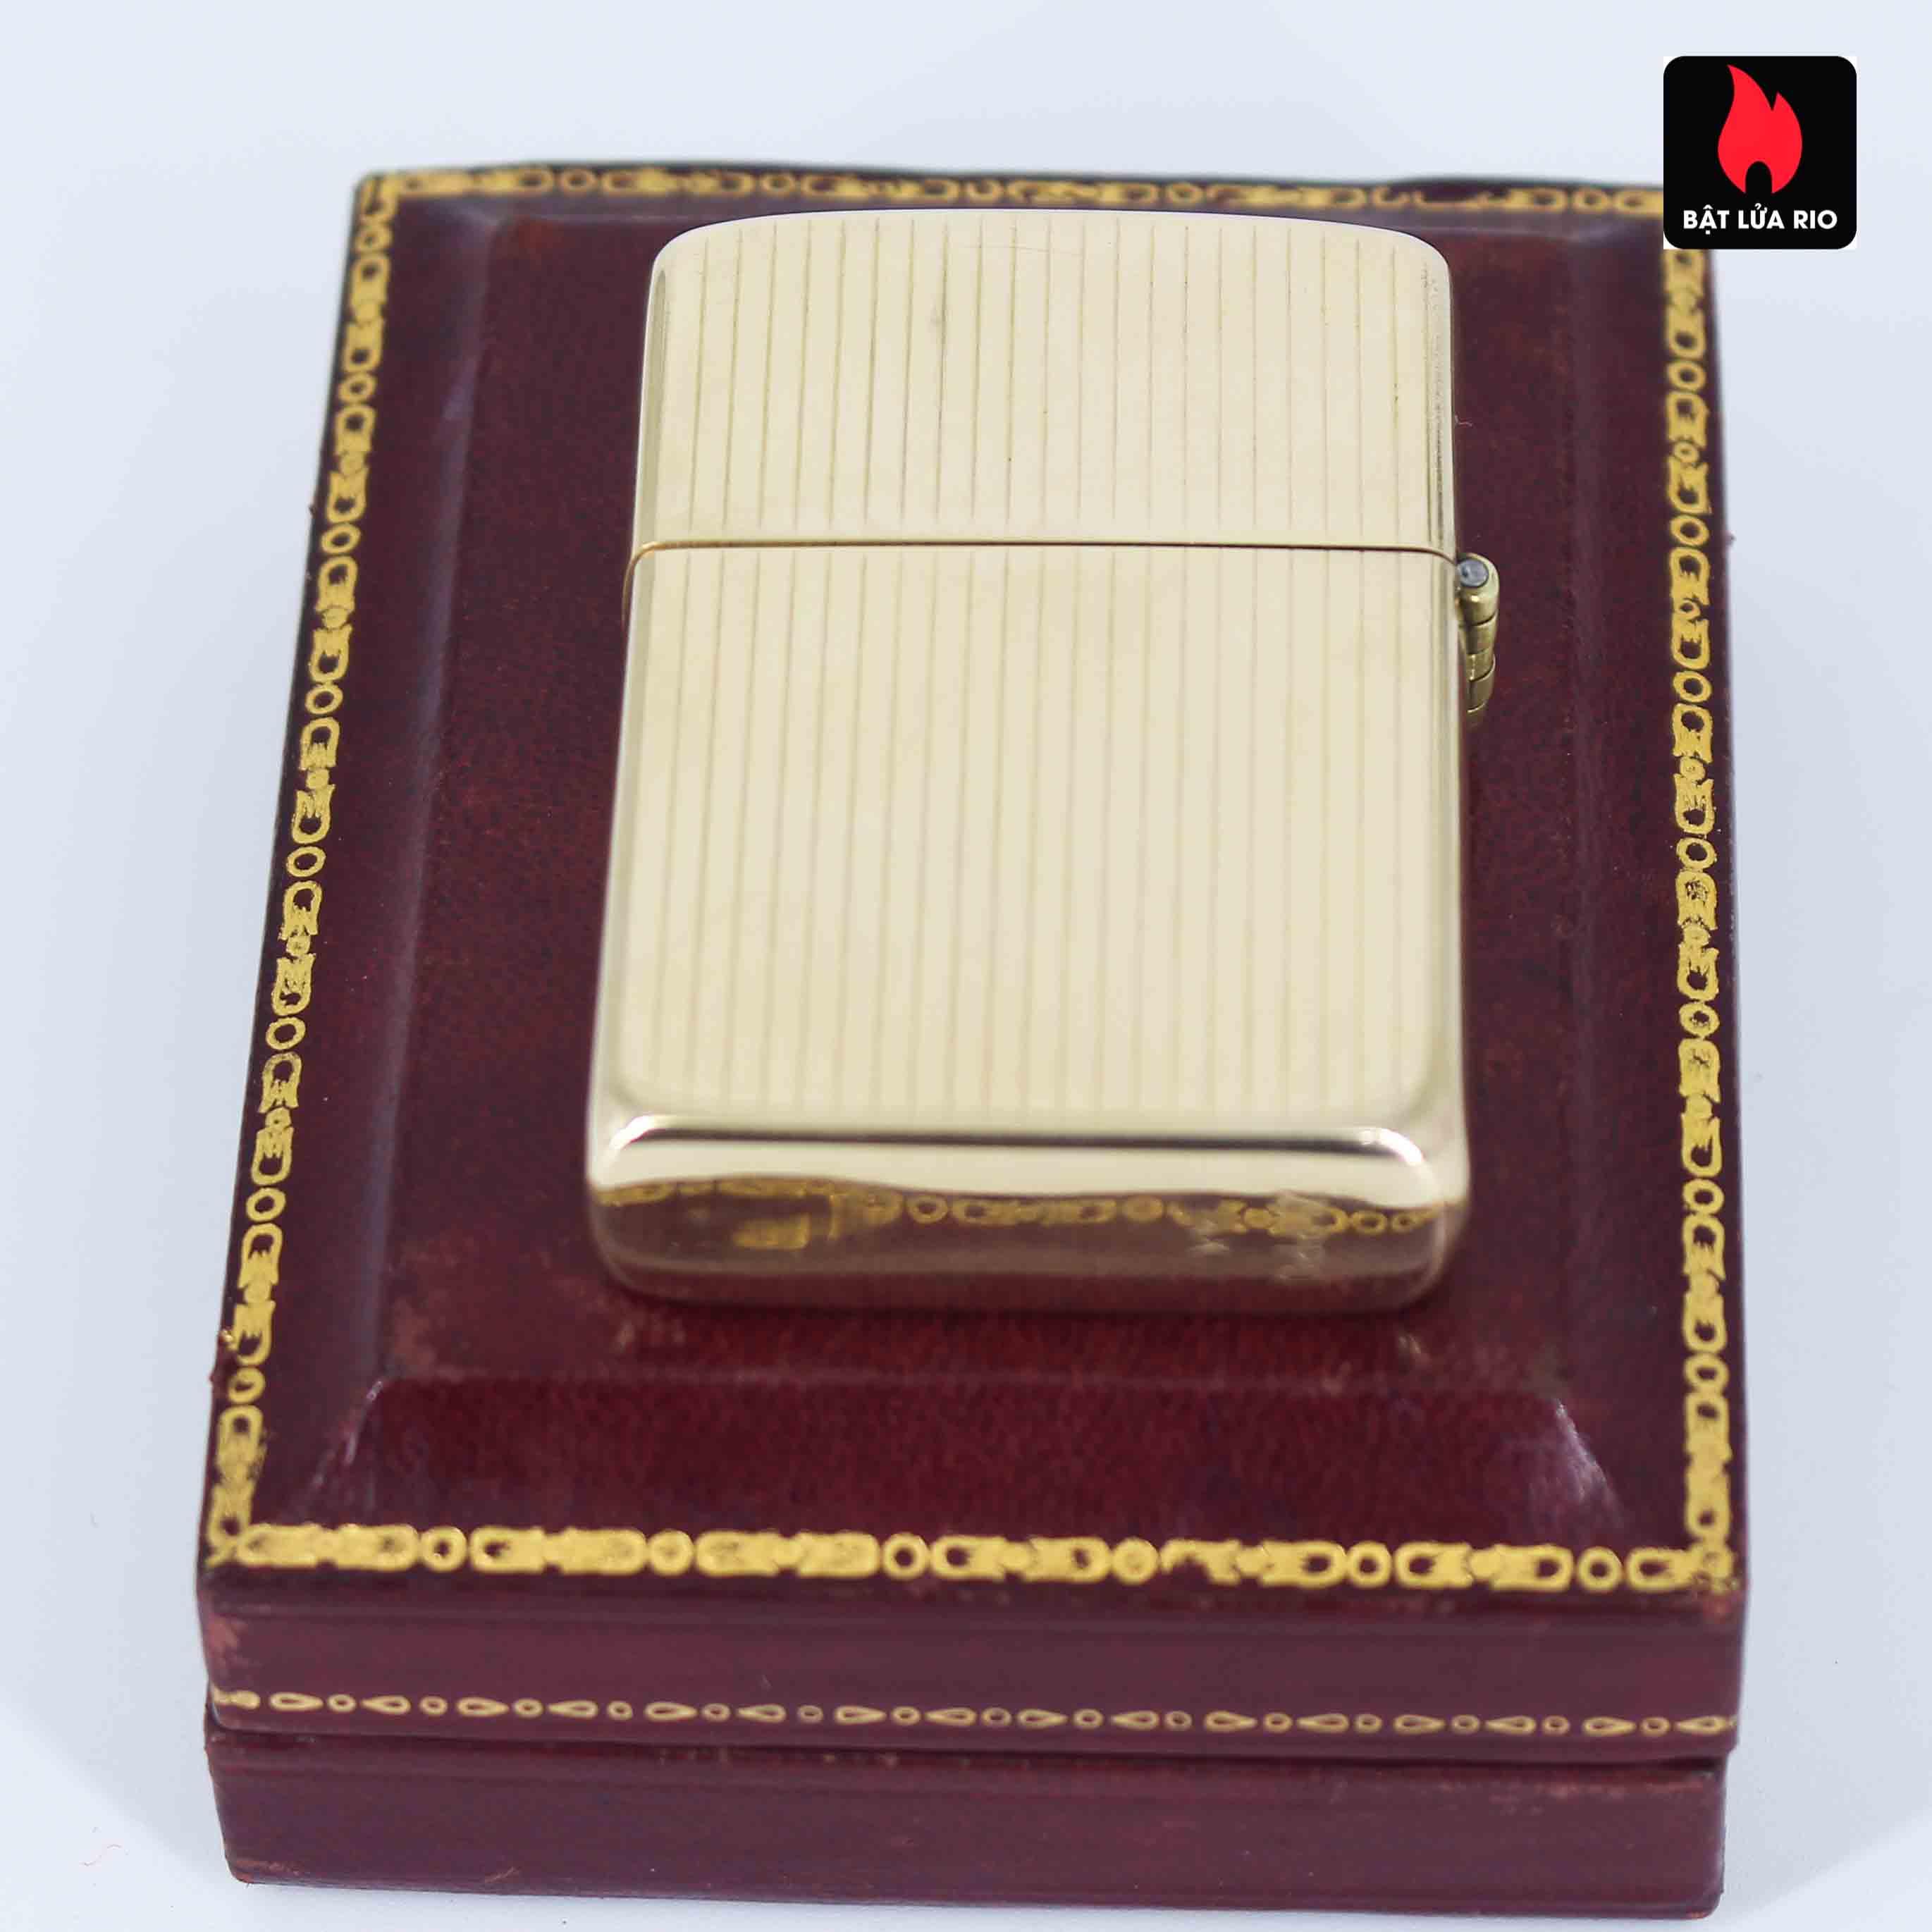 Hiếm - Zippo 1950s - Solid Gold 14k - Vàng Nguyên Khối 14k 8